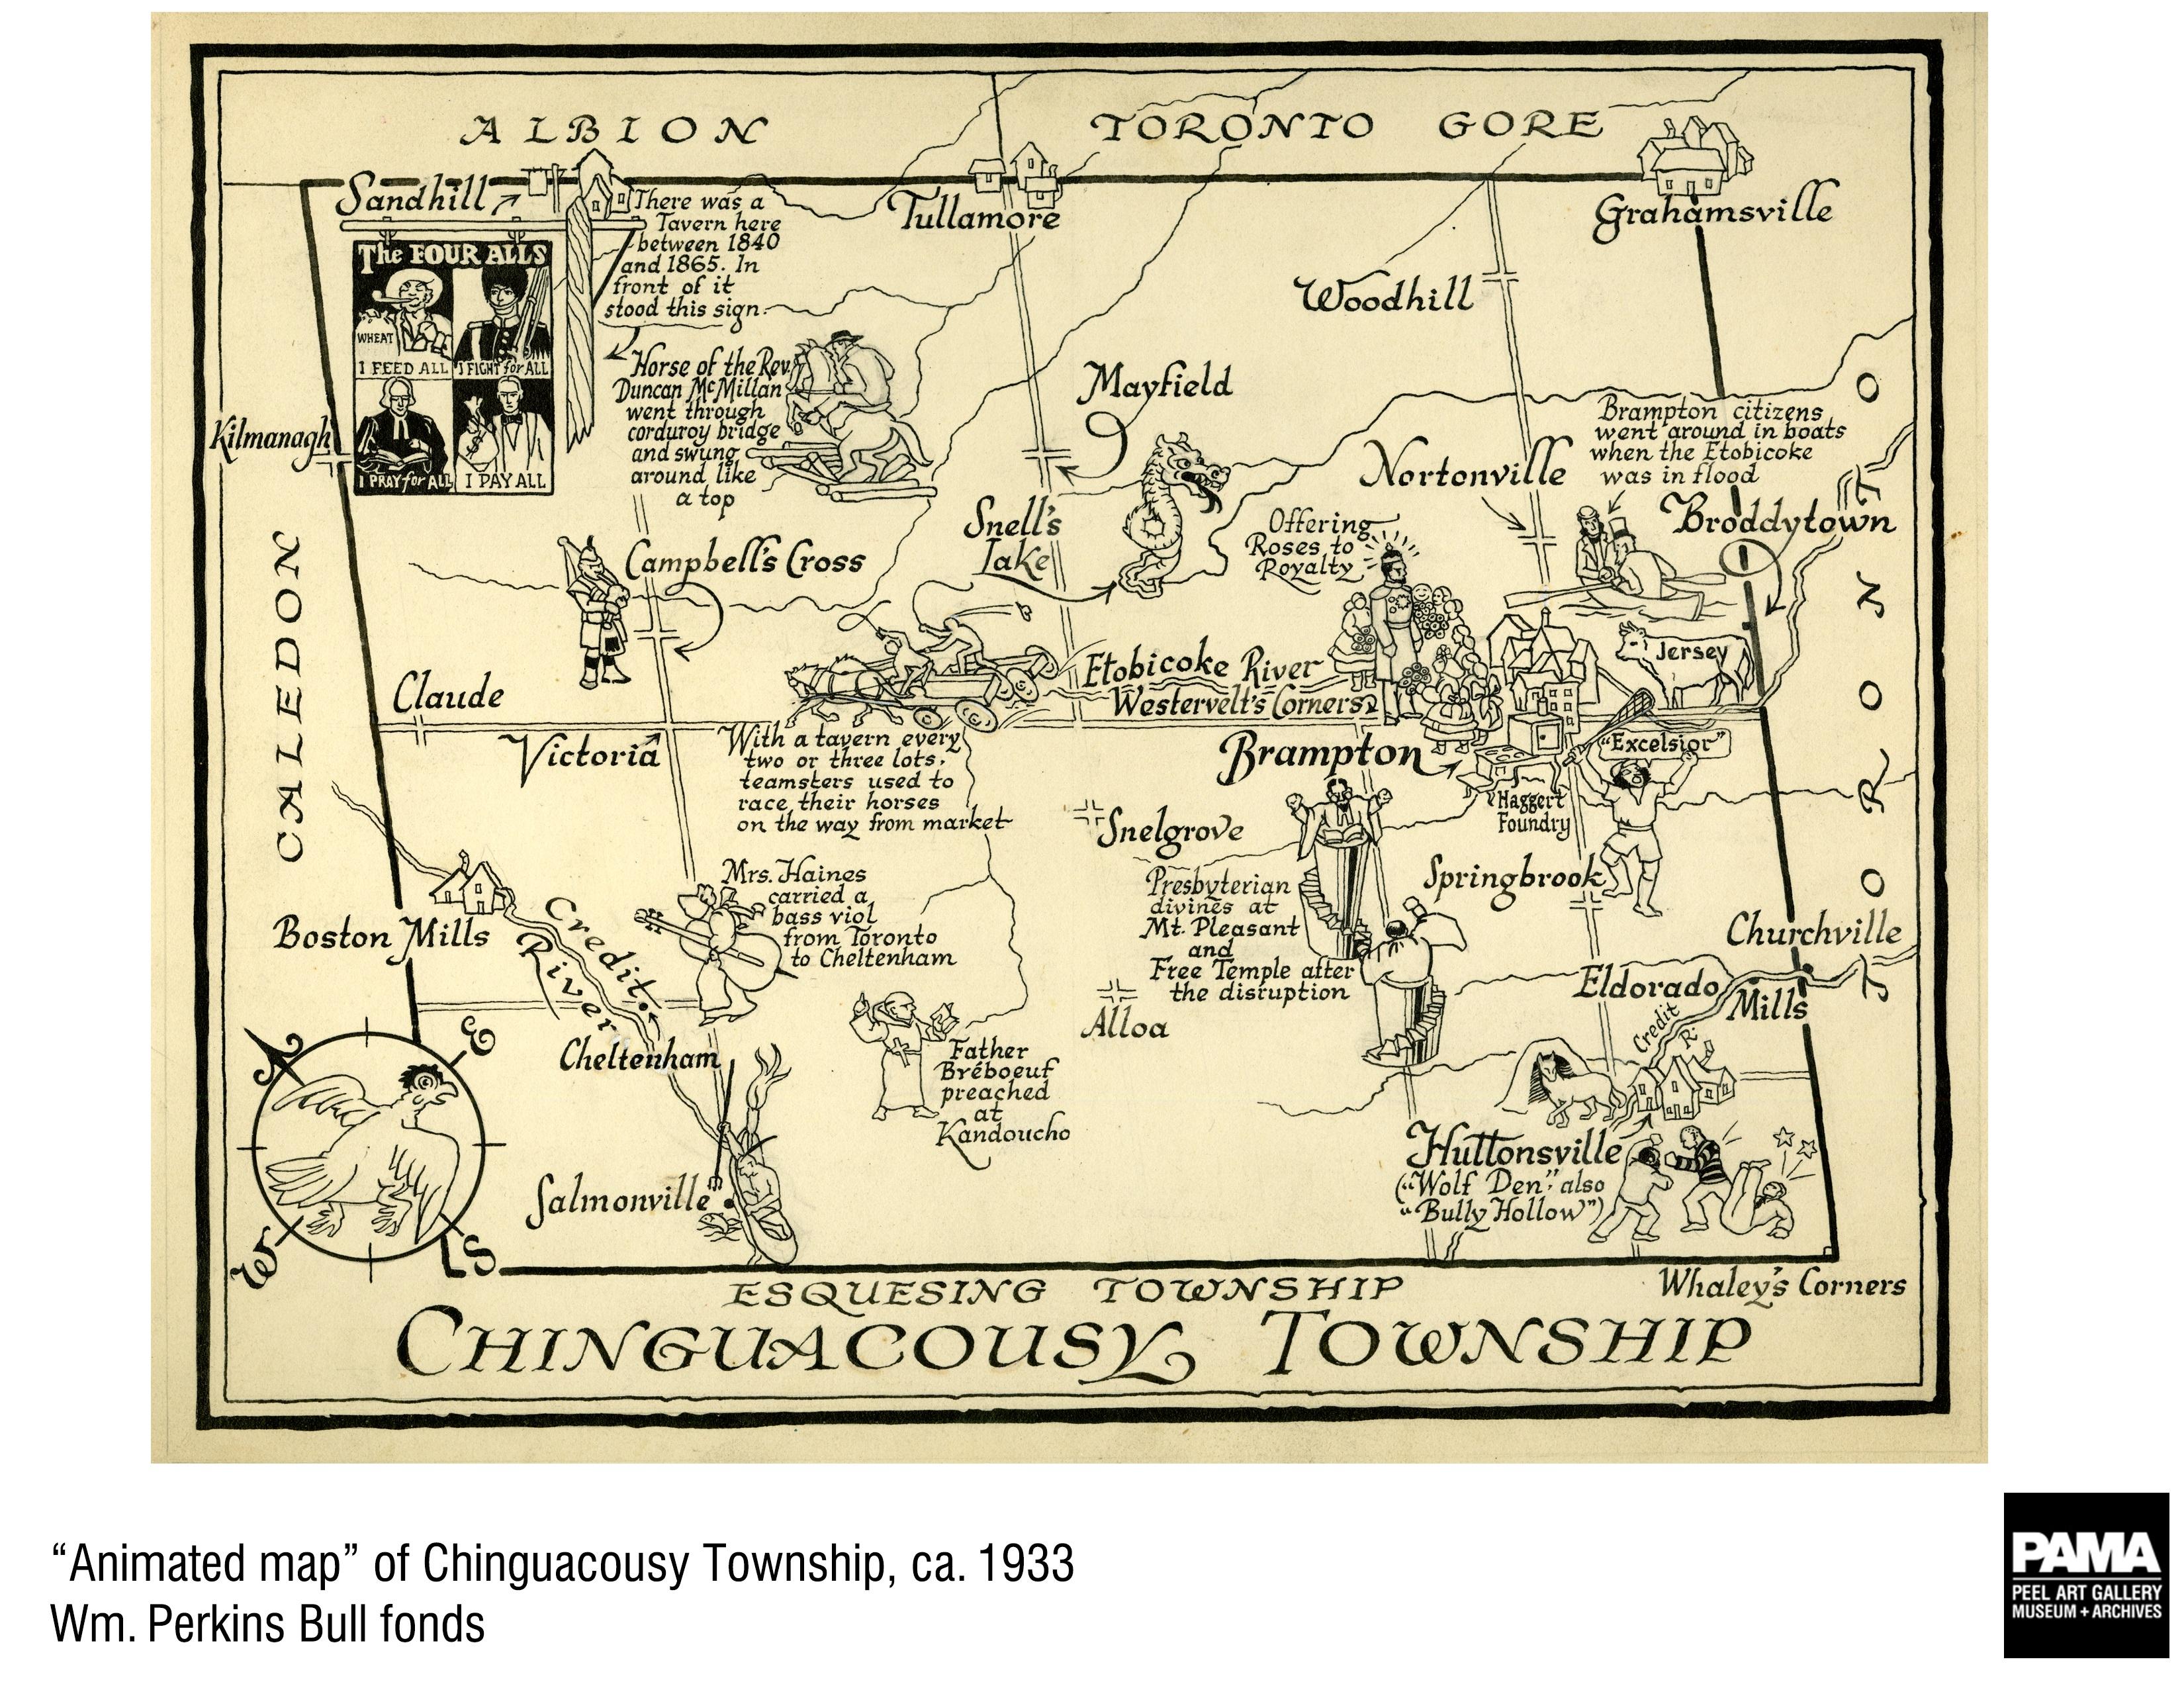 ChinguacousyTwp Animated map (WP Bull fonds)